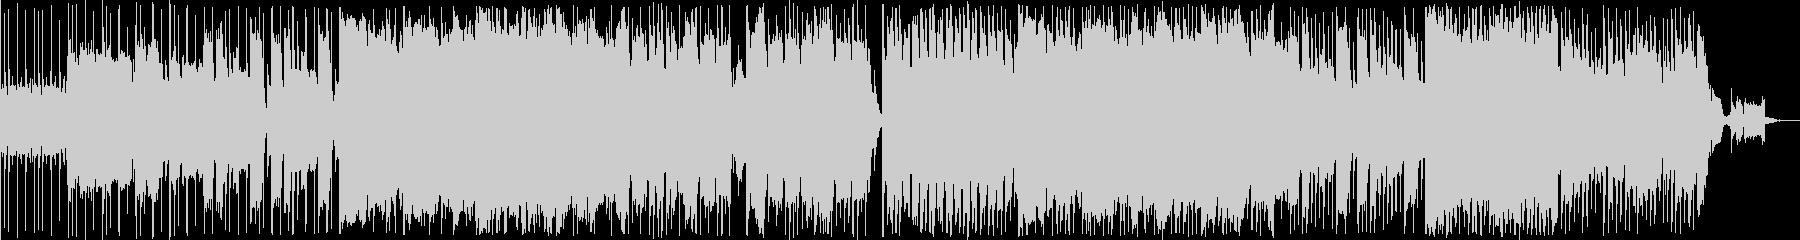 レッチリ風のロックなエレキギター楽曲の未再生の波形